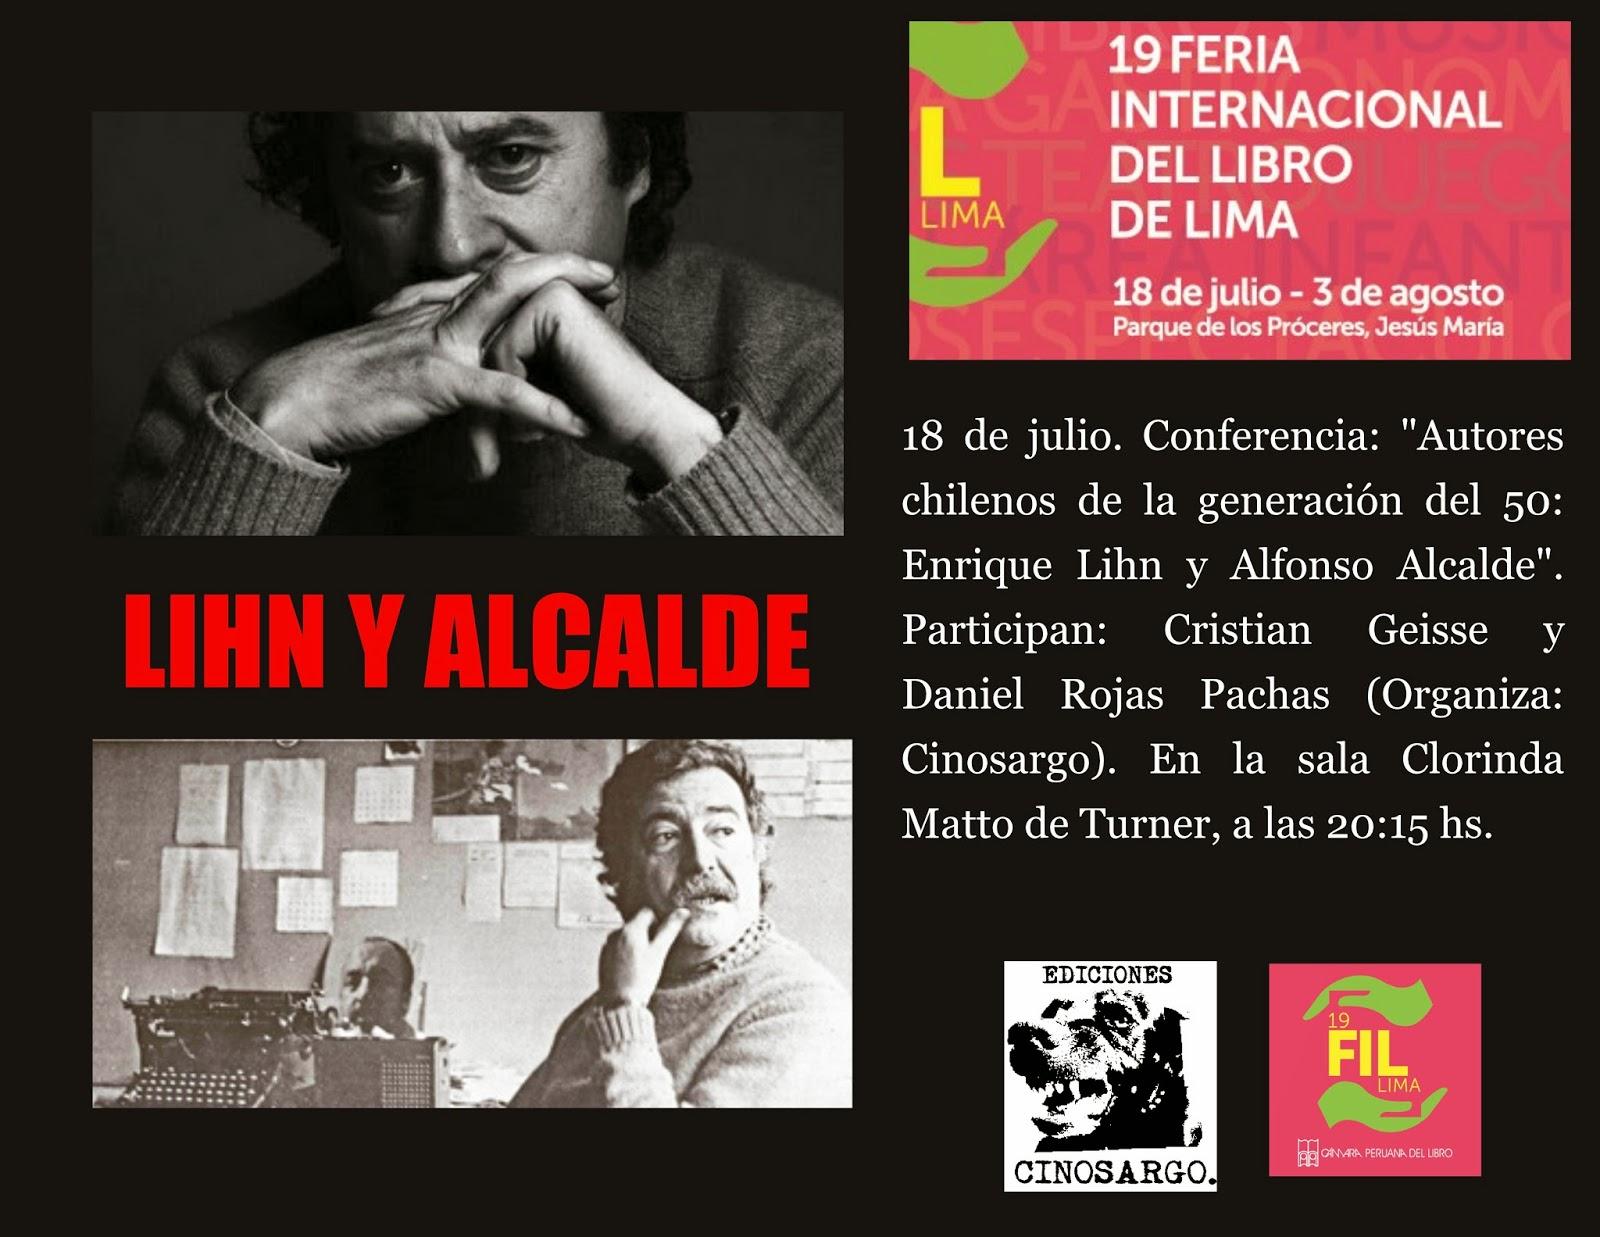 Autores chilenos de la generación del 50: Enrique Lihn y Alfonso Alcalde en la FIL Lima 2014